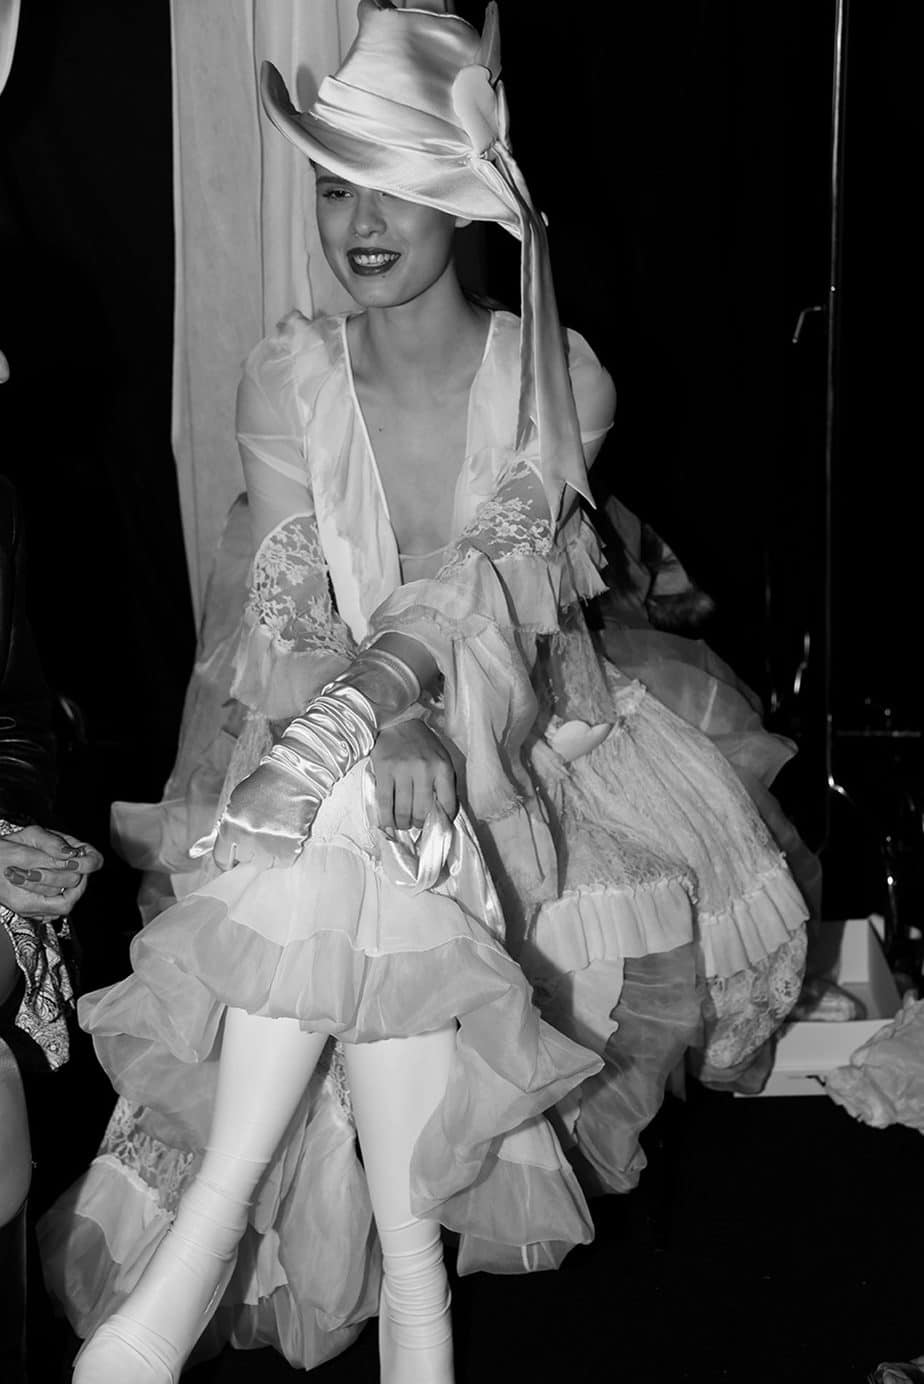 לנה מ-mc2 בשמלת כלה של ויוי בלאיש. צילום: לימור יערי, אופנה, חדשות אופנה, כתבות אופנה, Fashiom Magazine, Fashion, Efifo ,מגזין אופנה, מגזין אופנה ישראלי, מגזיני אופנה ישראלים